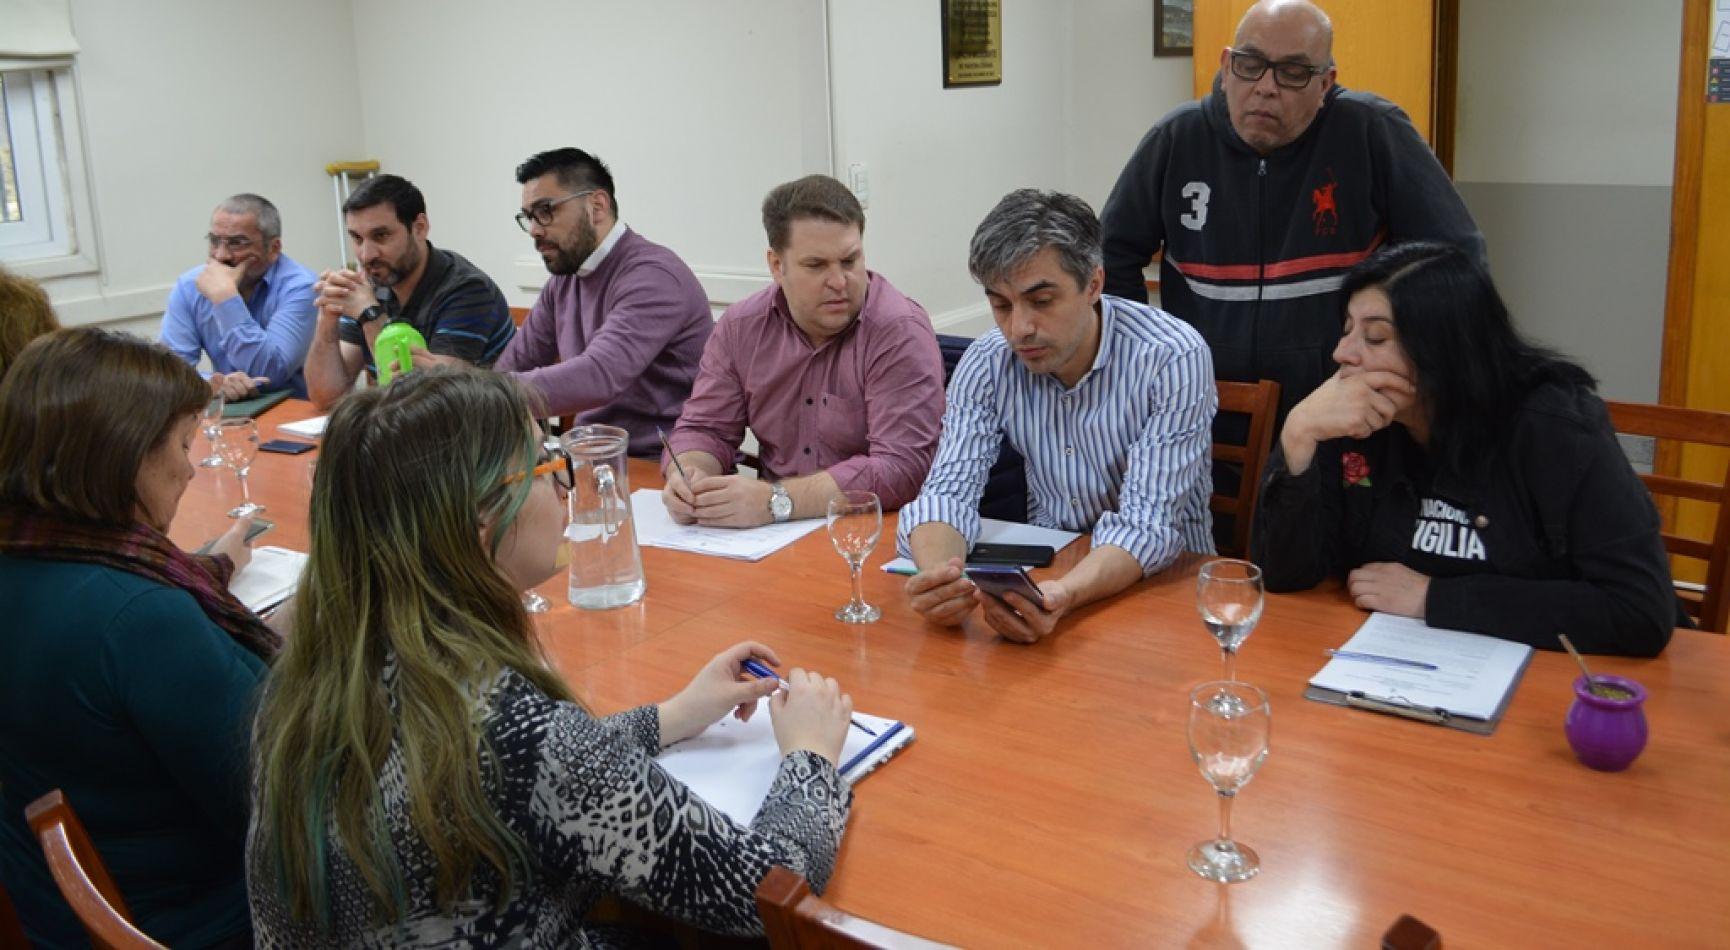 Reunión de las comisiones de Promoción, Mediación, e Inclusión Social que preside el concejal Paulino Rossi